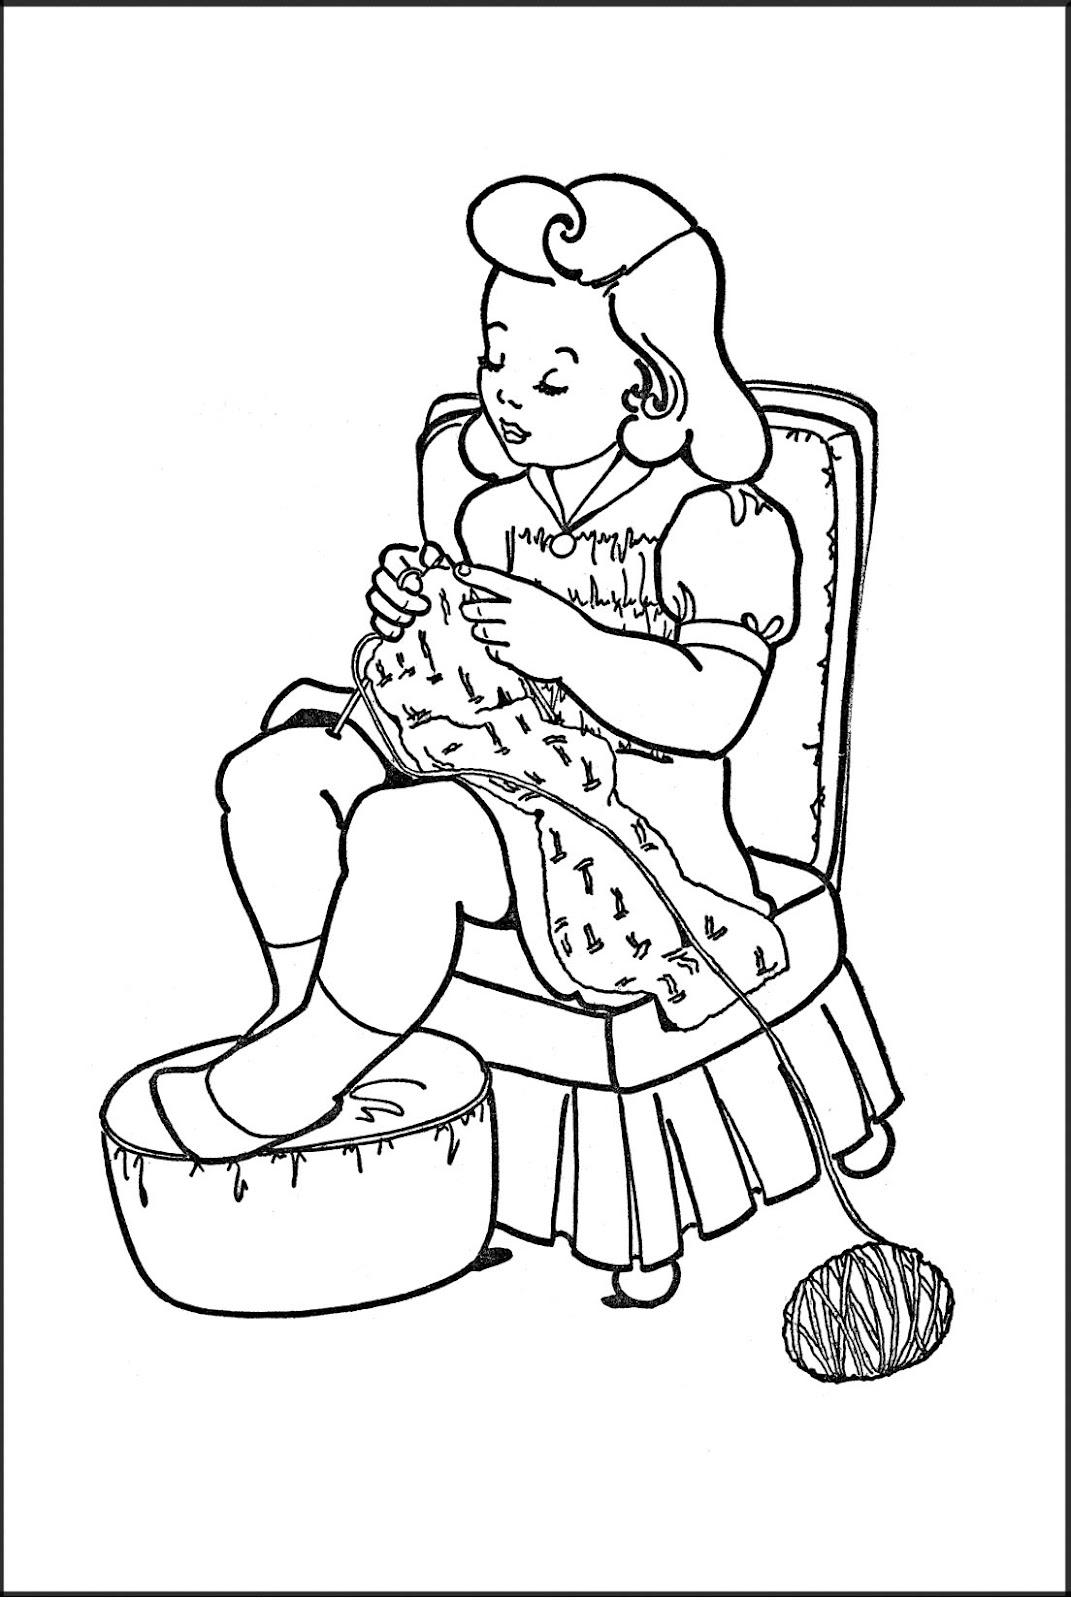 classic art coloring pages   Husmorsskolan: Medan mamma stickar...